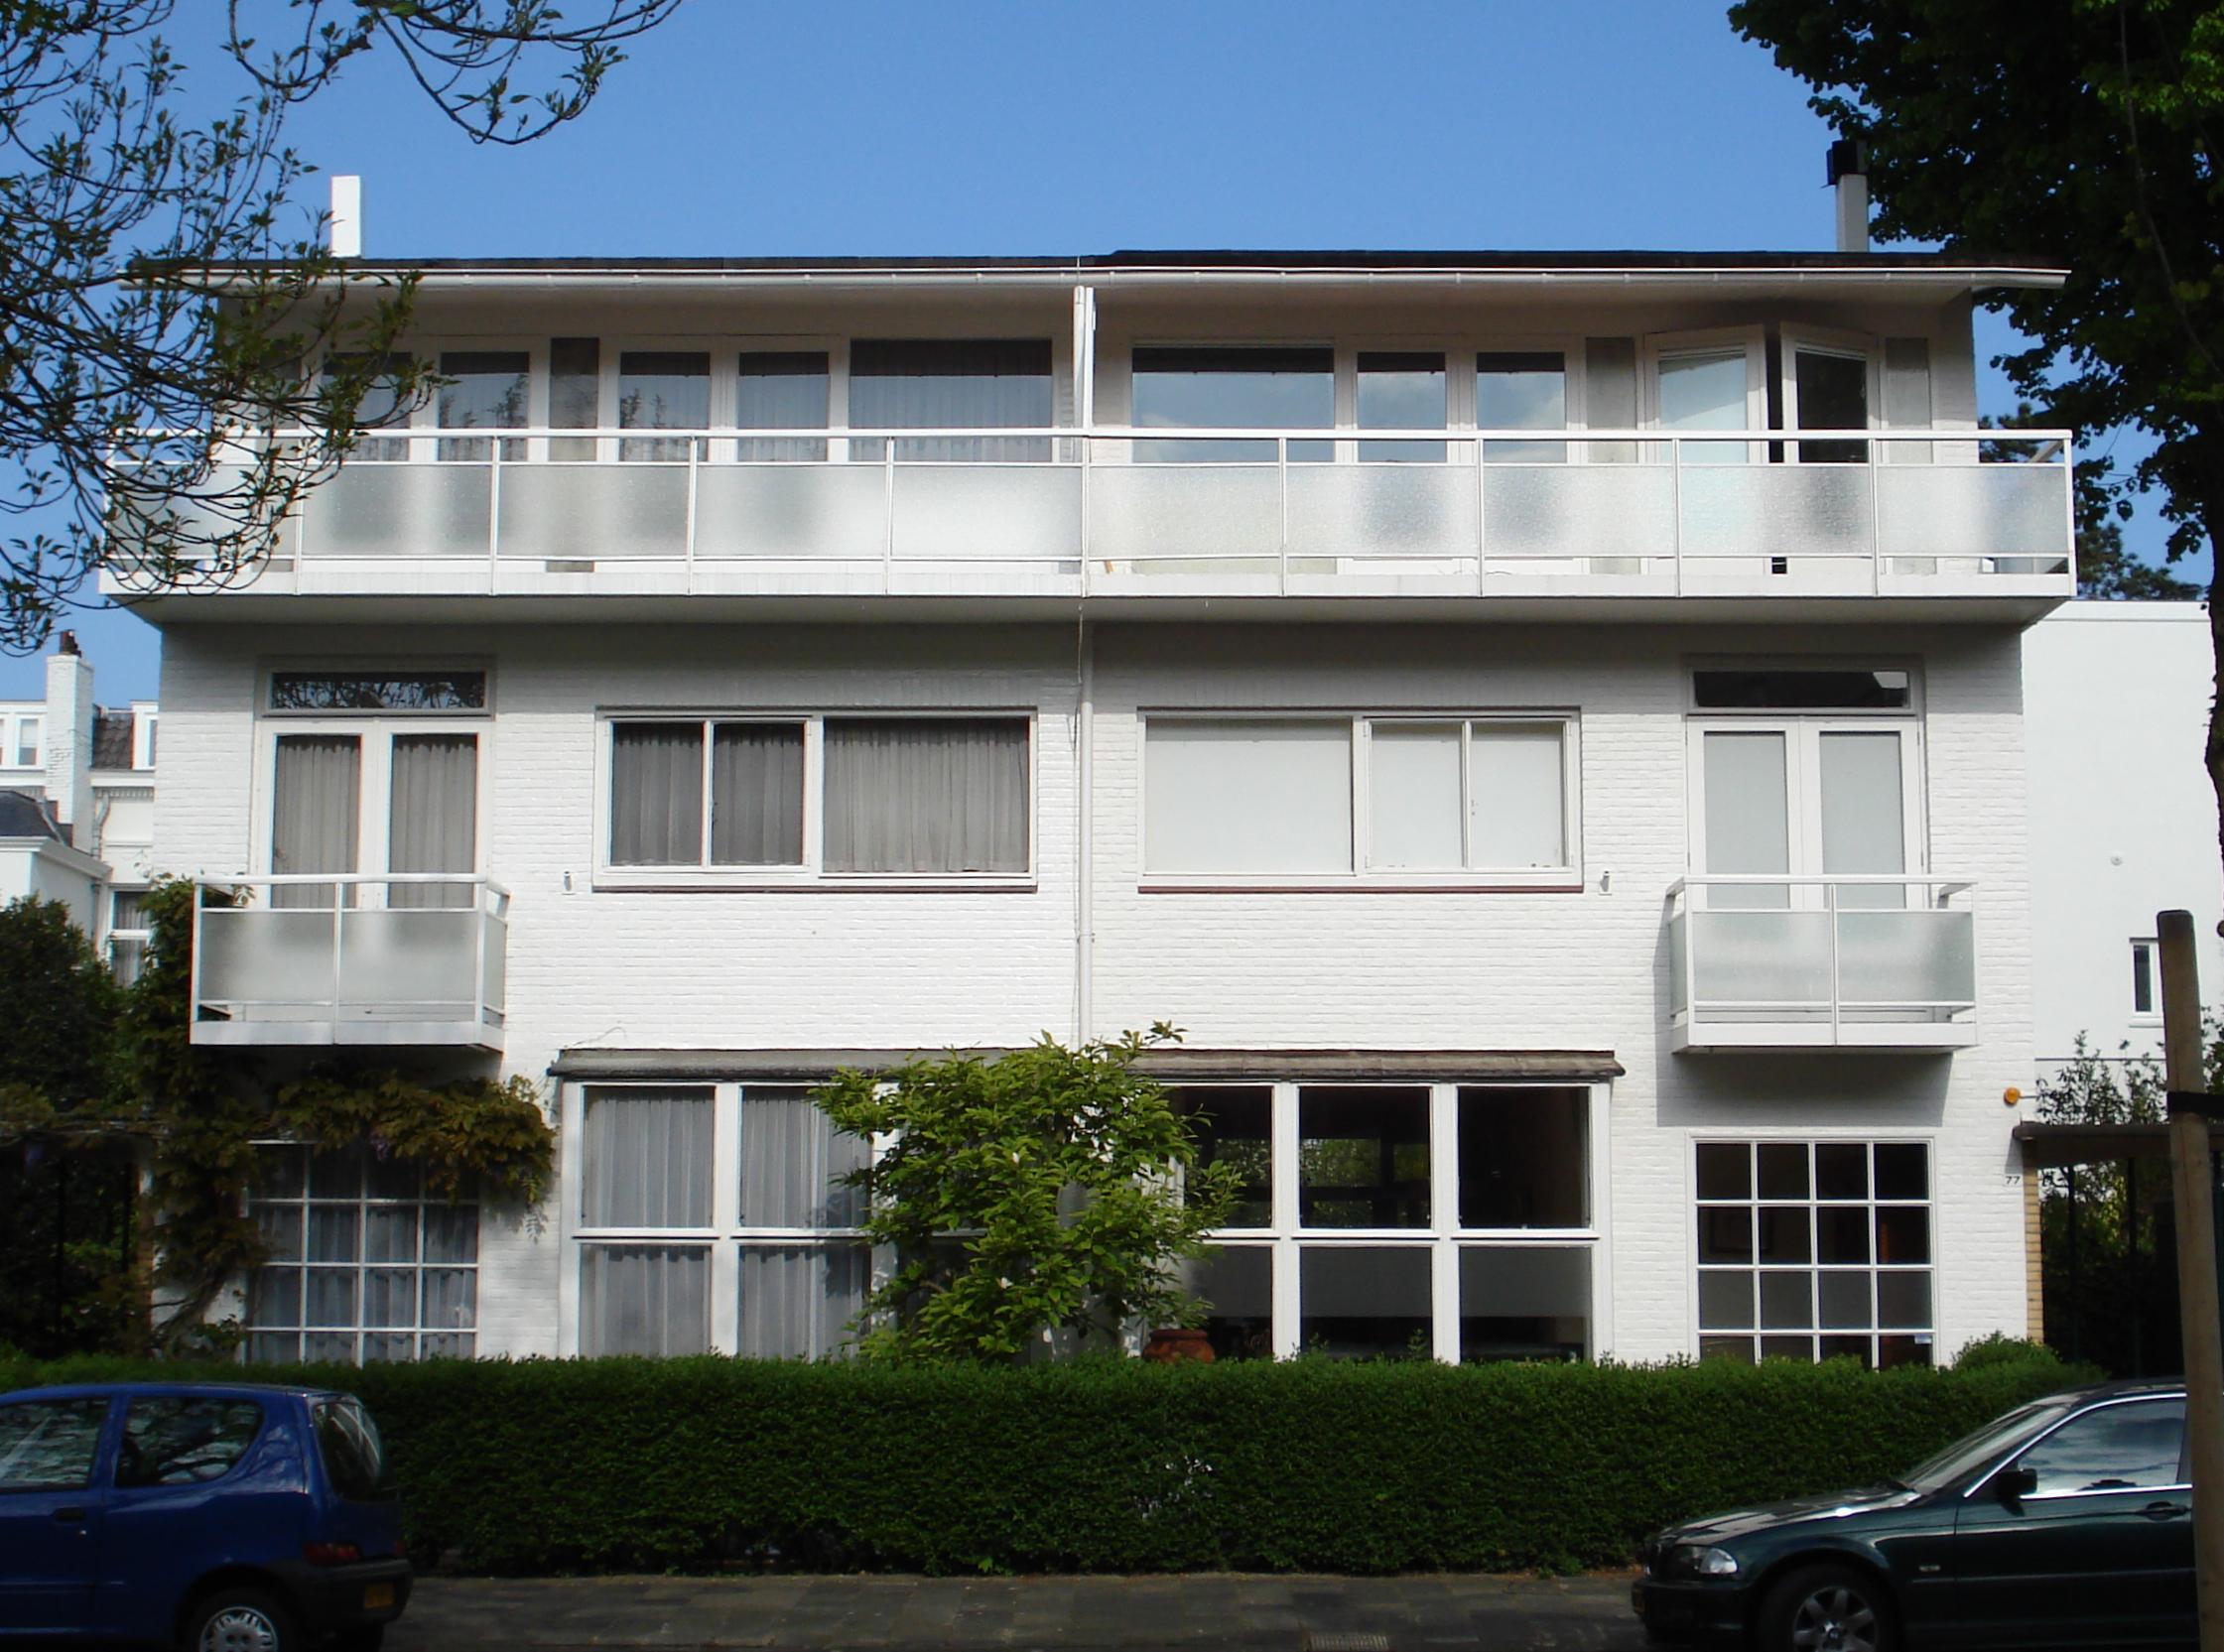 vrijstaand dubbel woonhuis in de stijl van het nieuwe